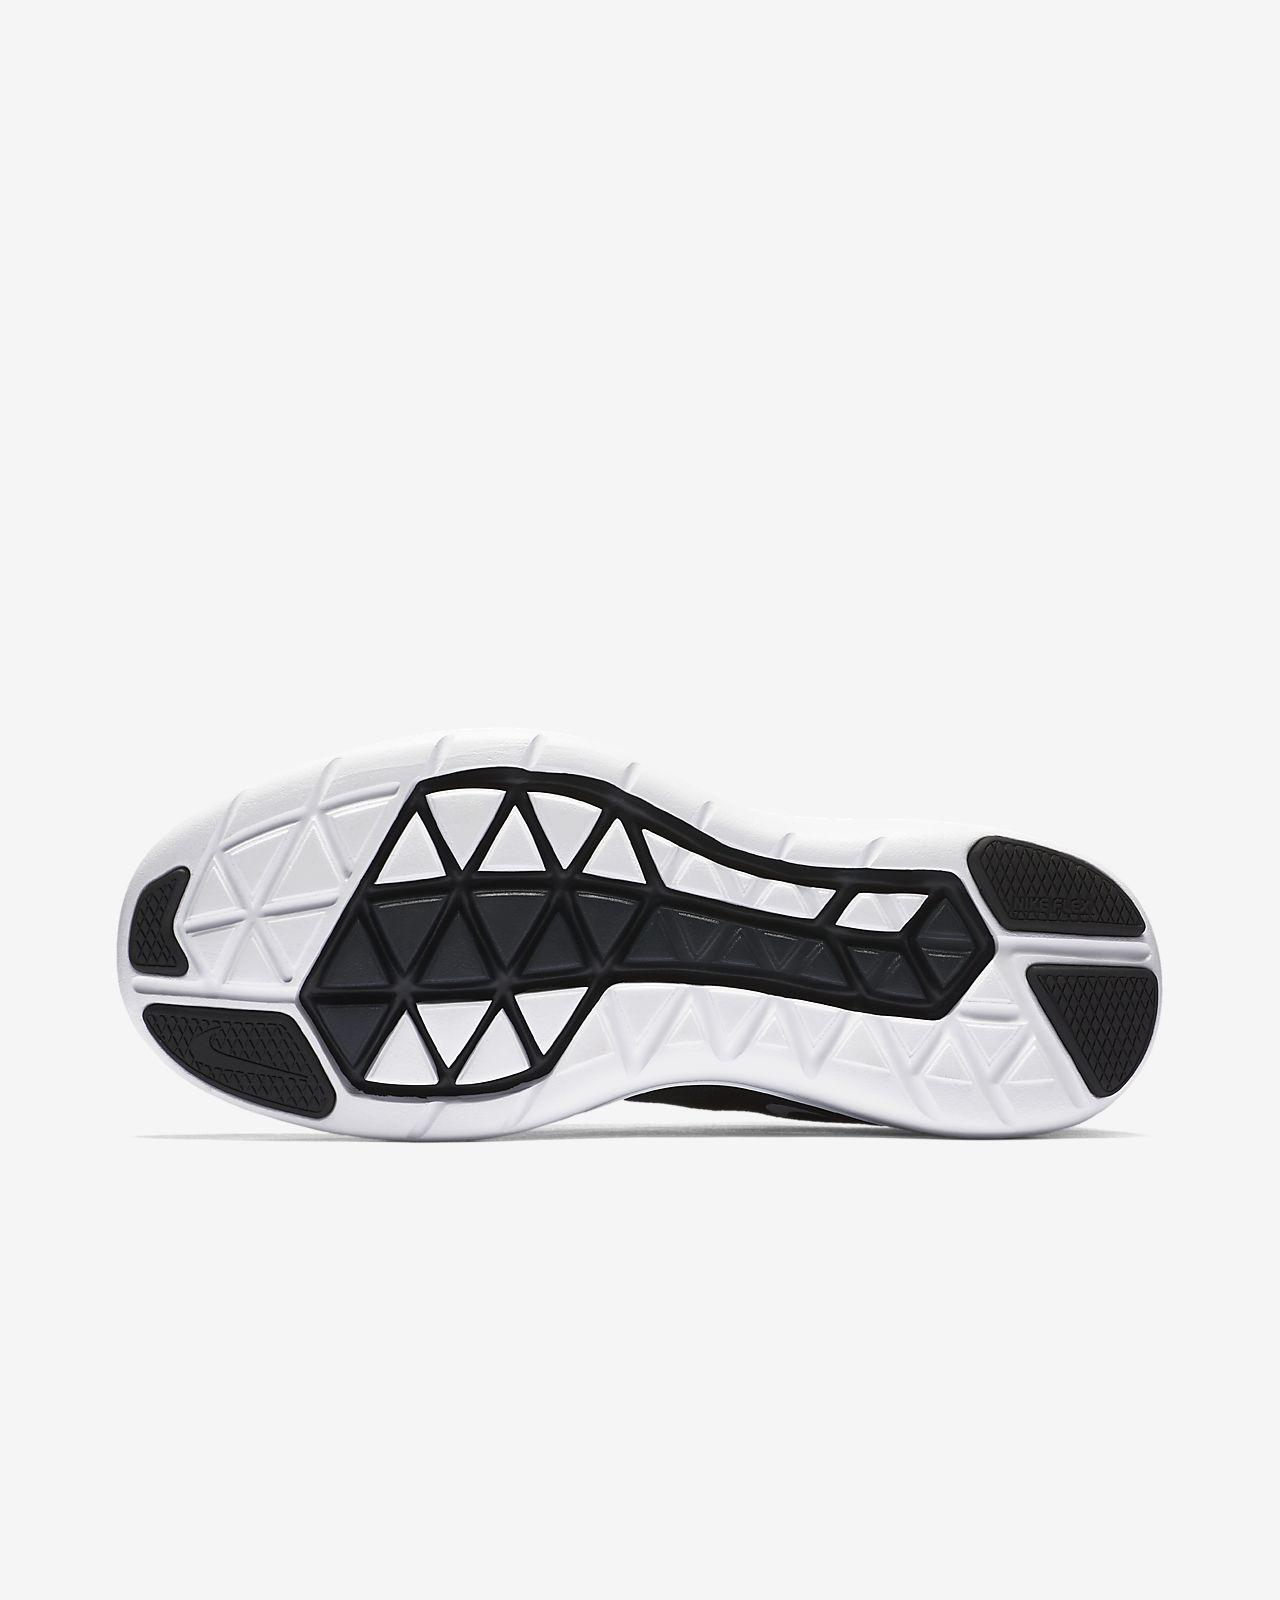 2017 Flex for RN løpesko Nike dameNO uFJ3TlK1c5